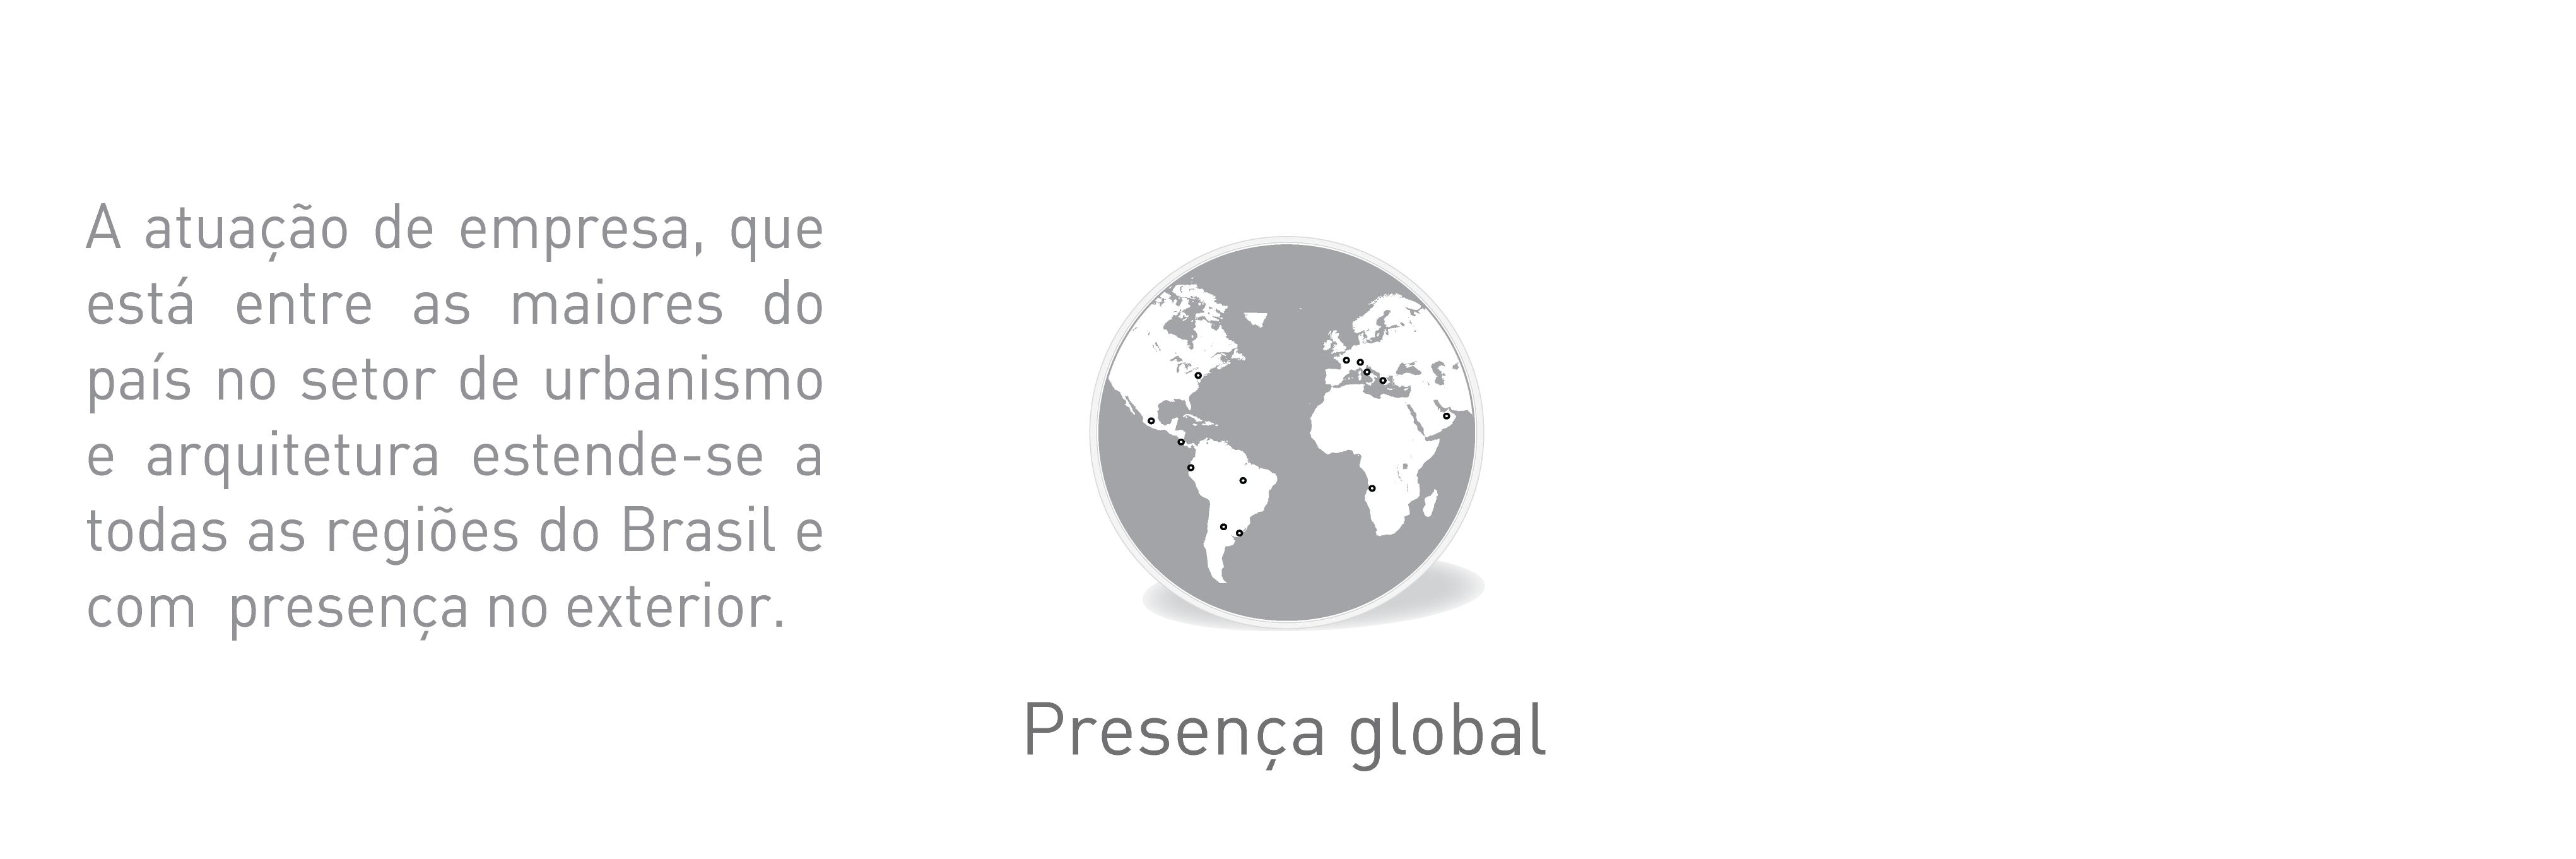 presença_global